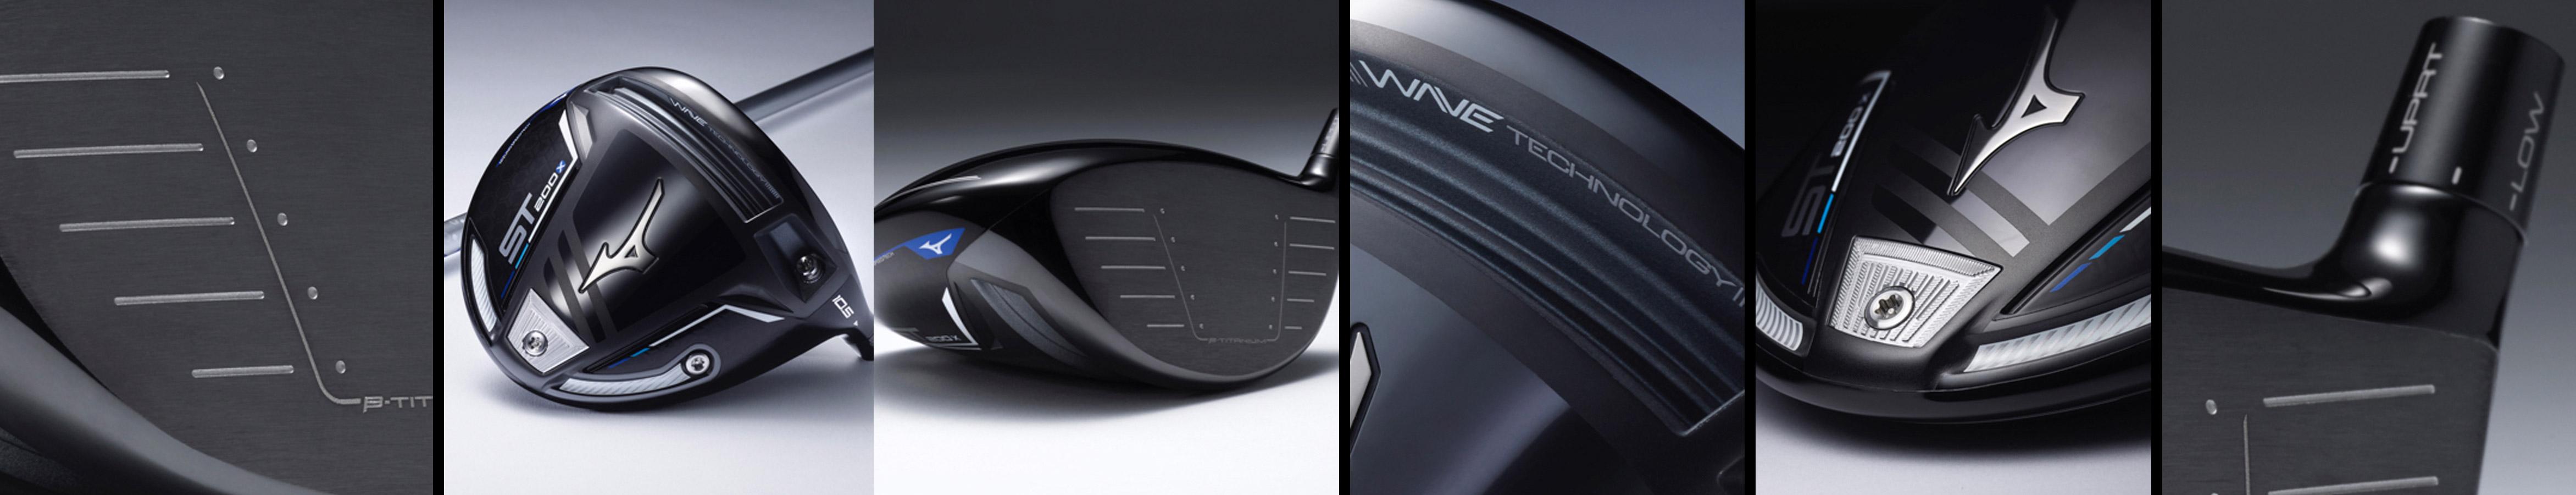 Driver ST200X Mizuno Golf